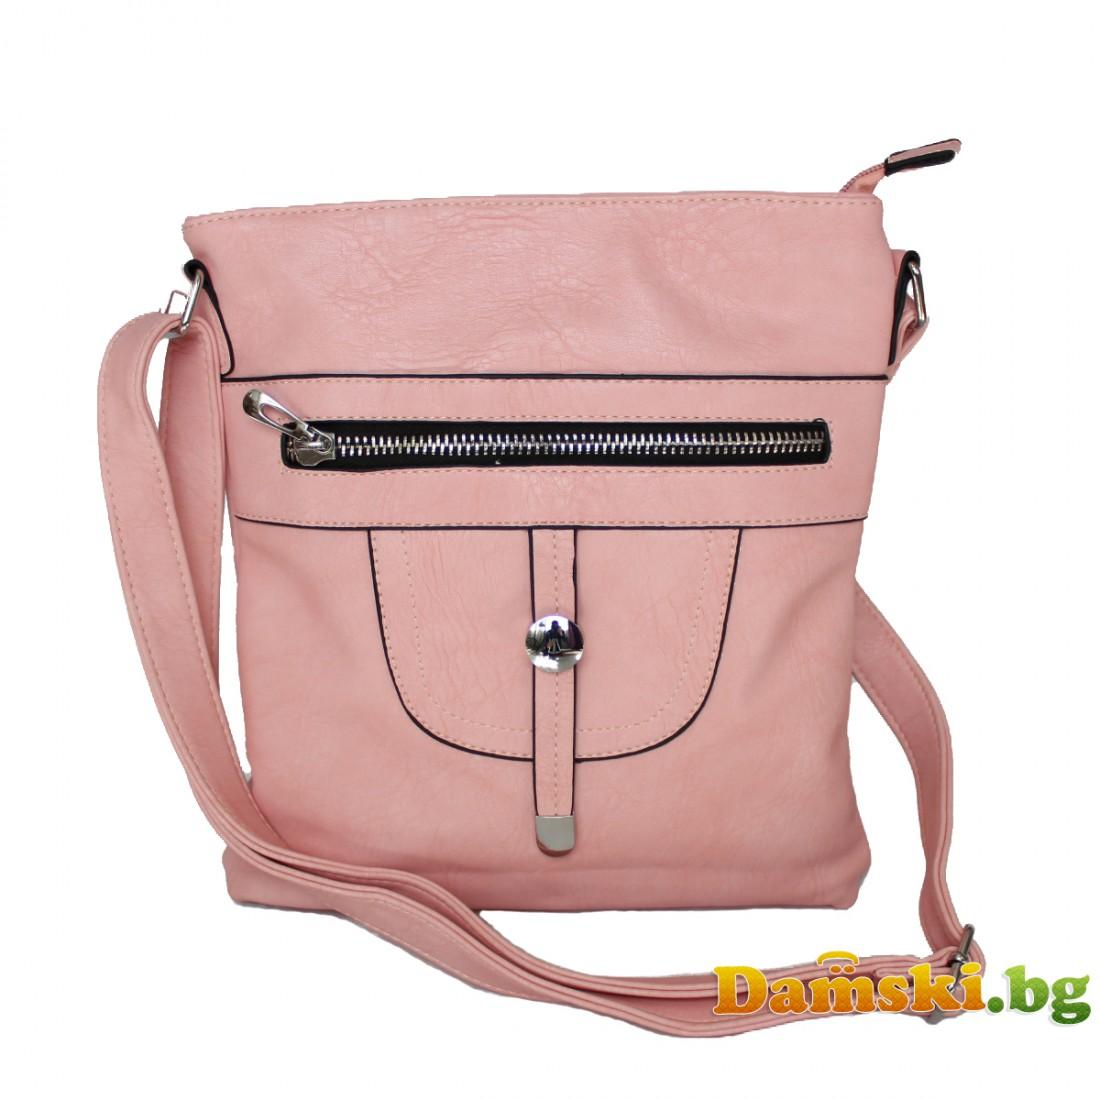 Дамска чанта през рамо Мелани - Светло розова